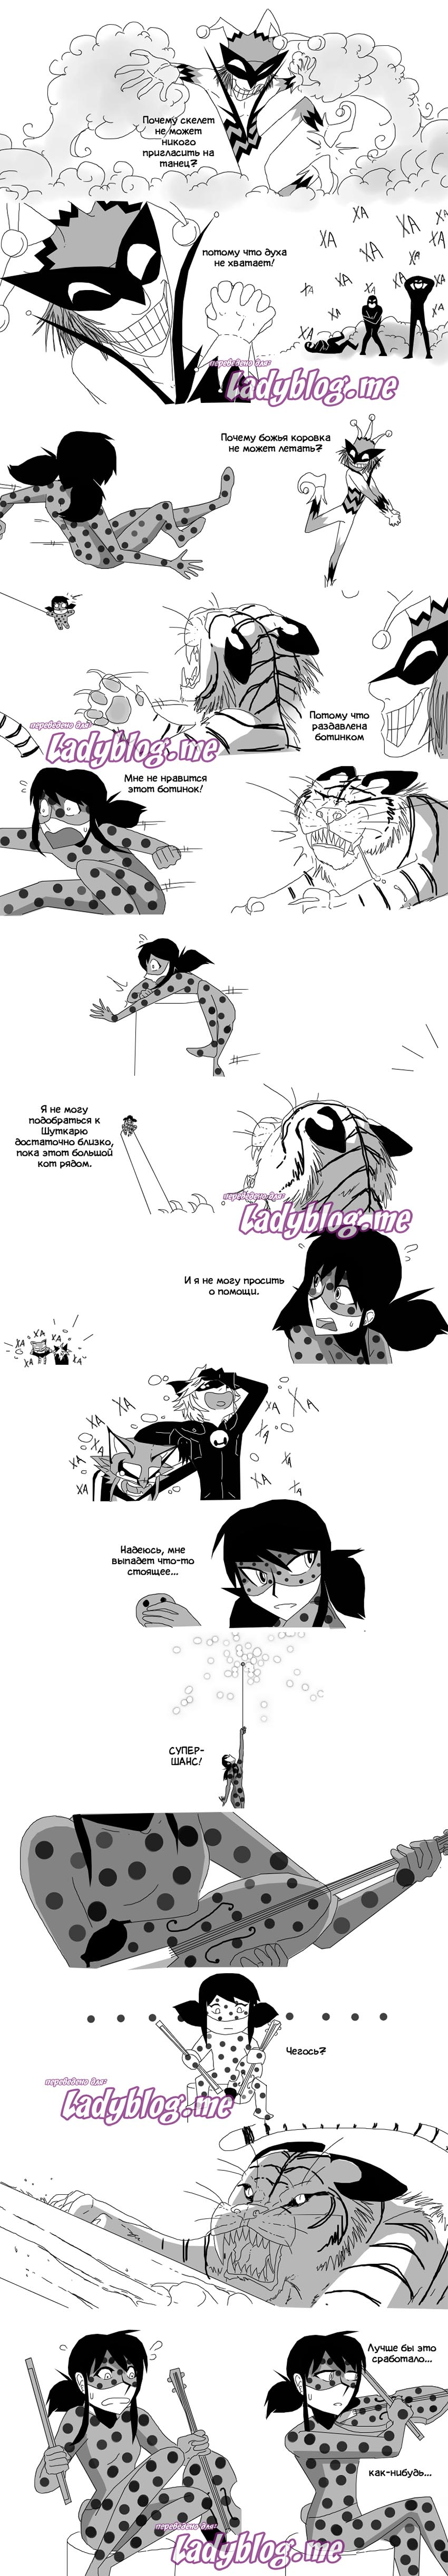 Комикс Леди Баг Азарт Охоты 6-2